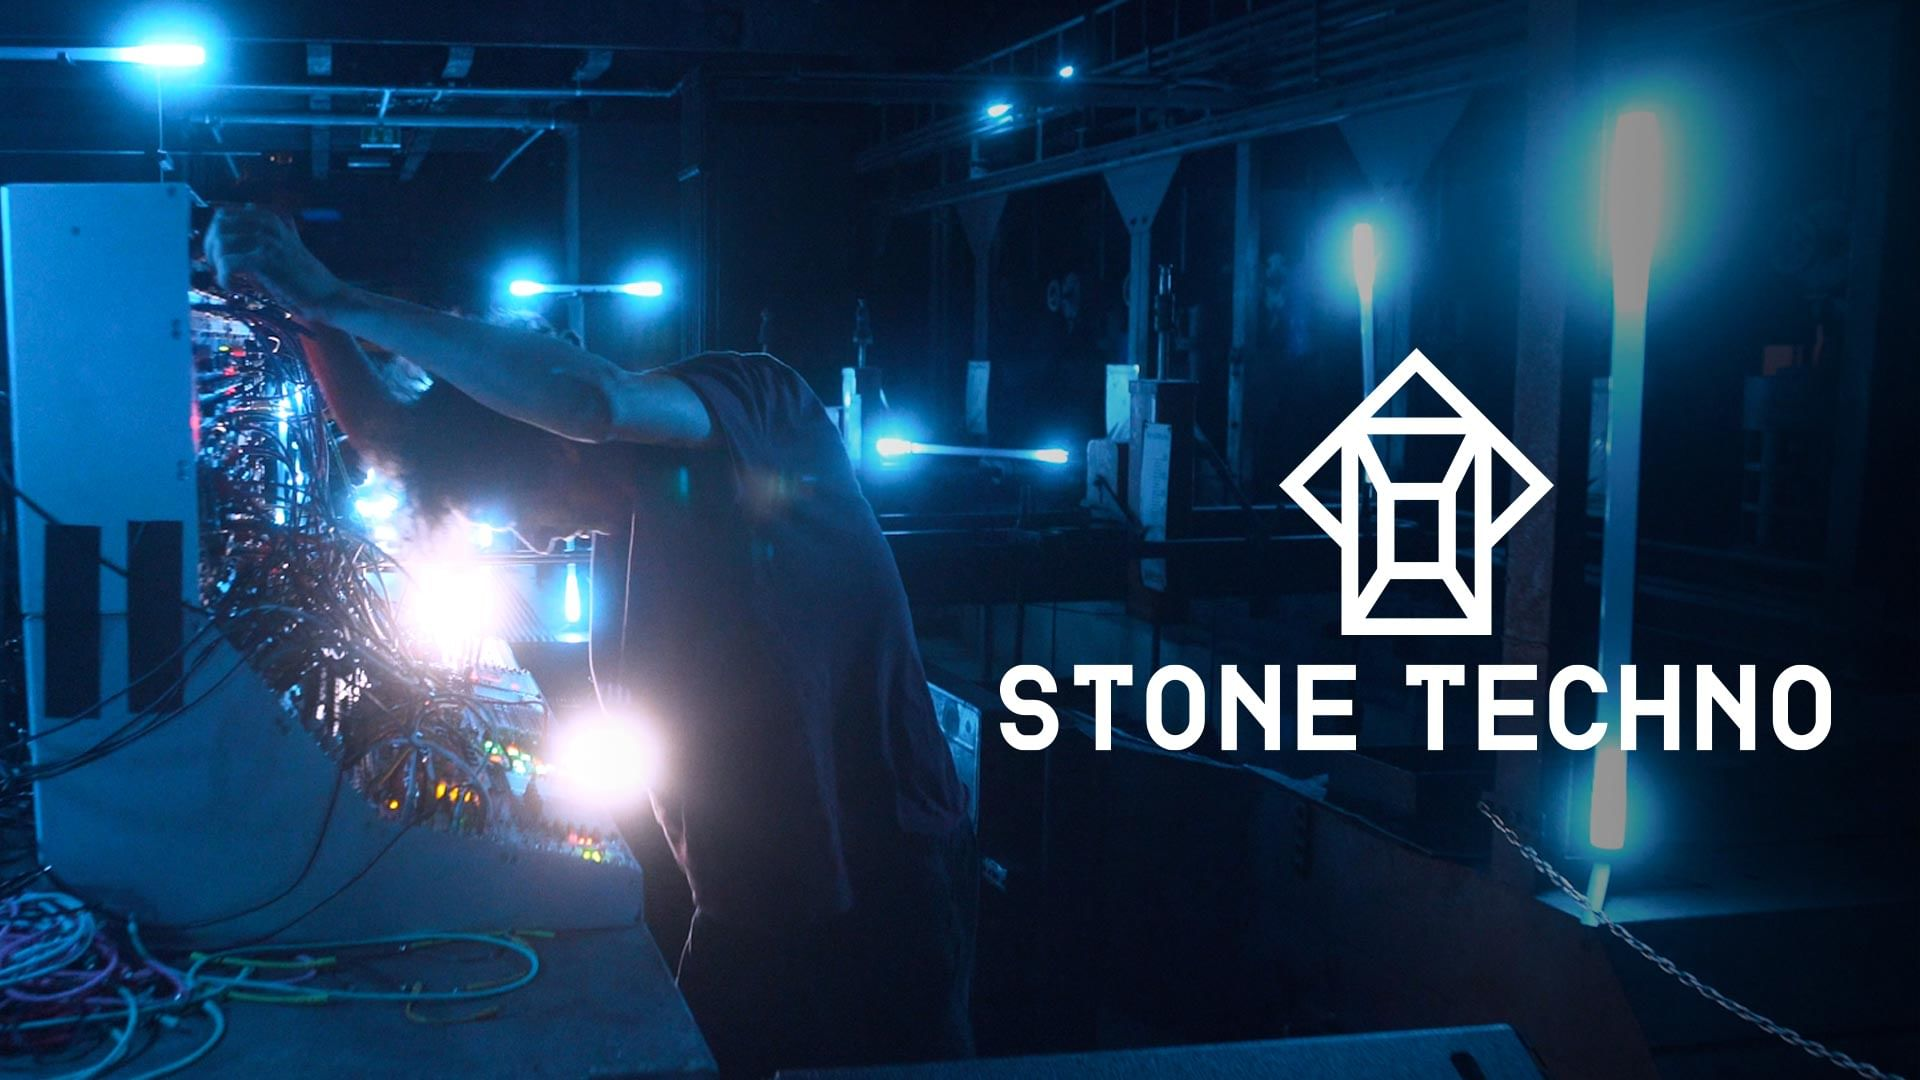 Stone Techno X Zollverein